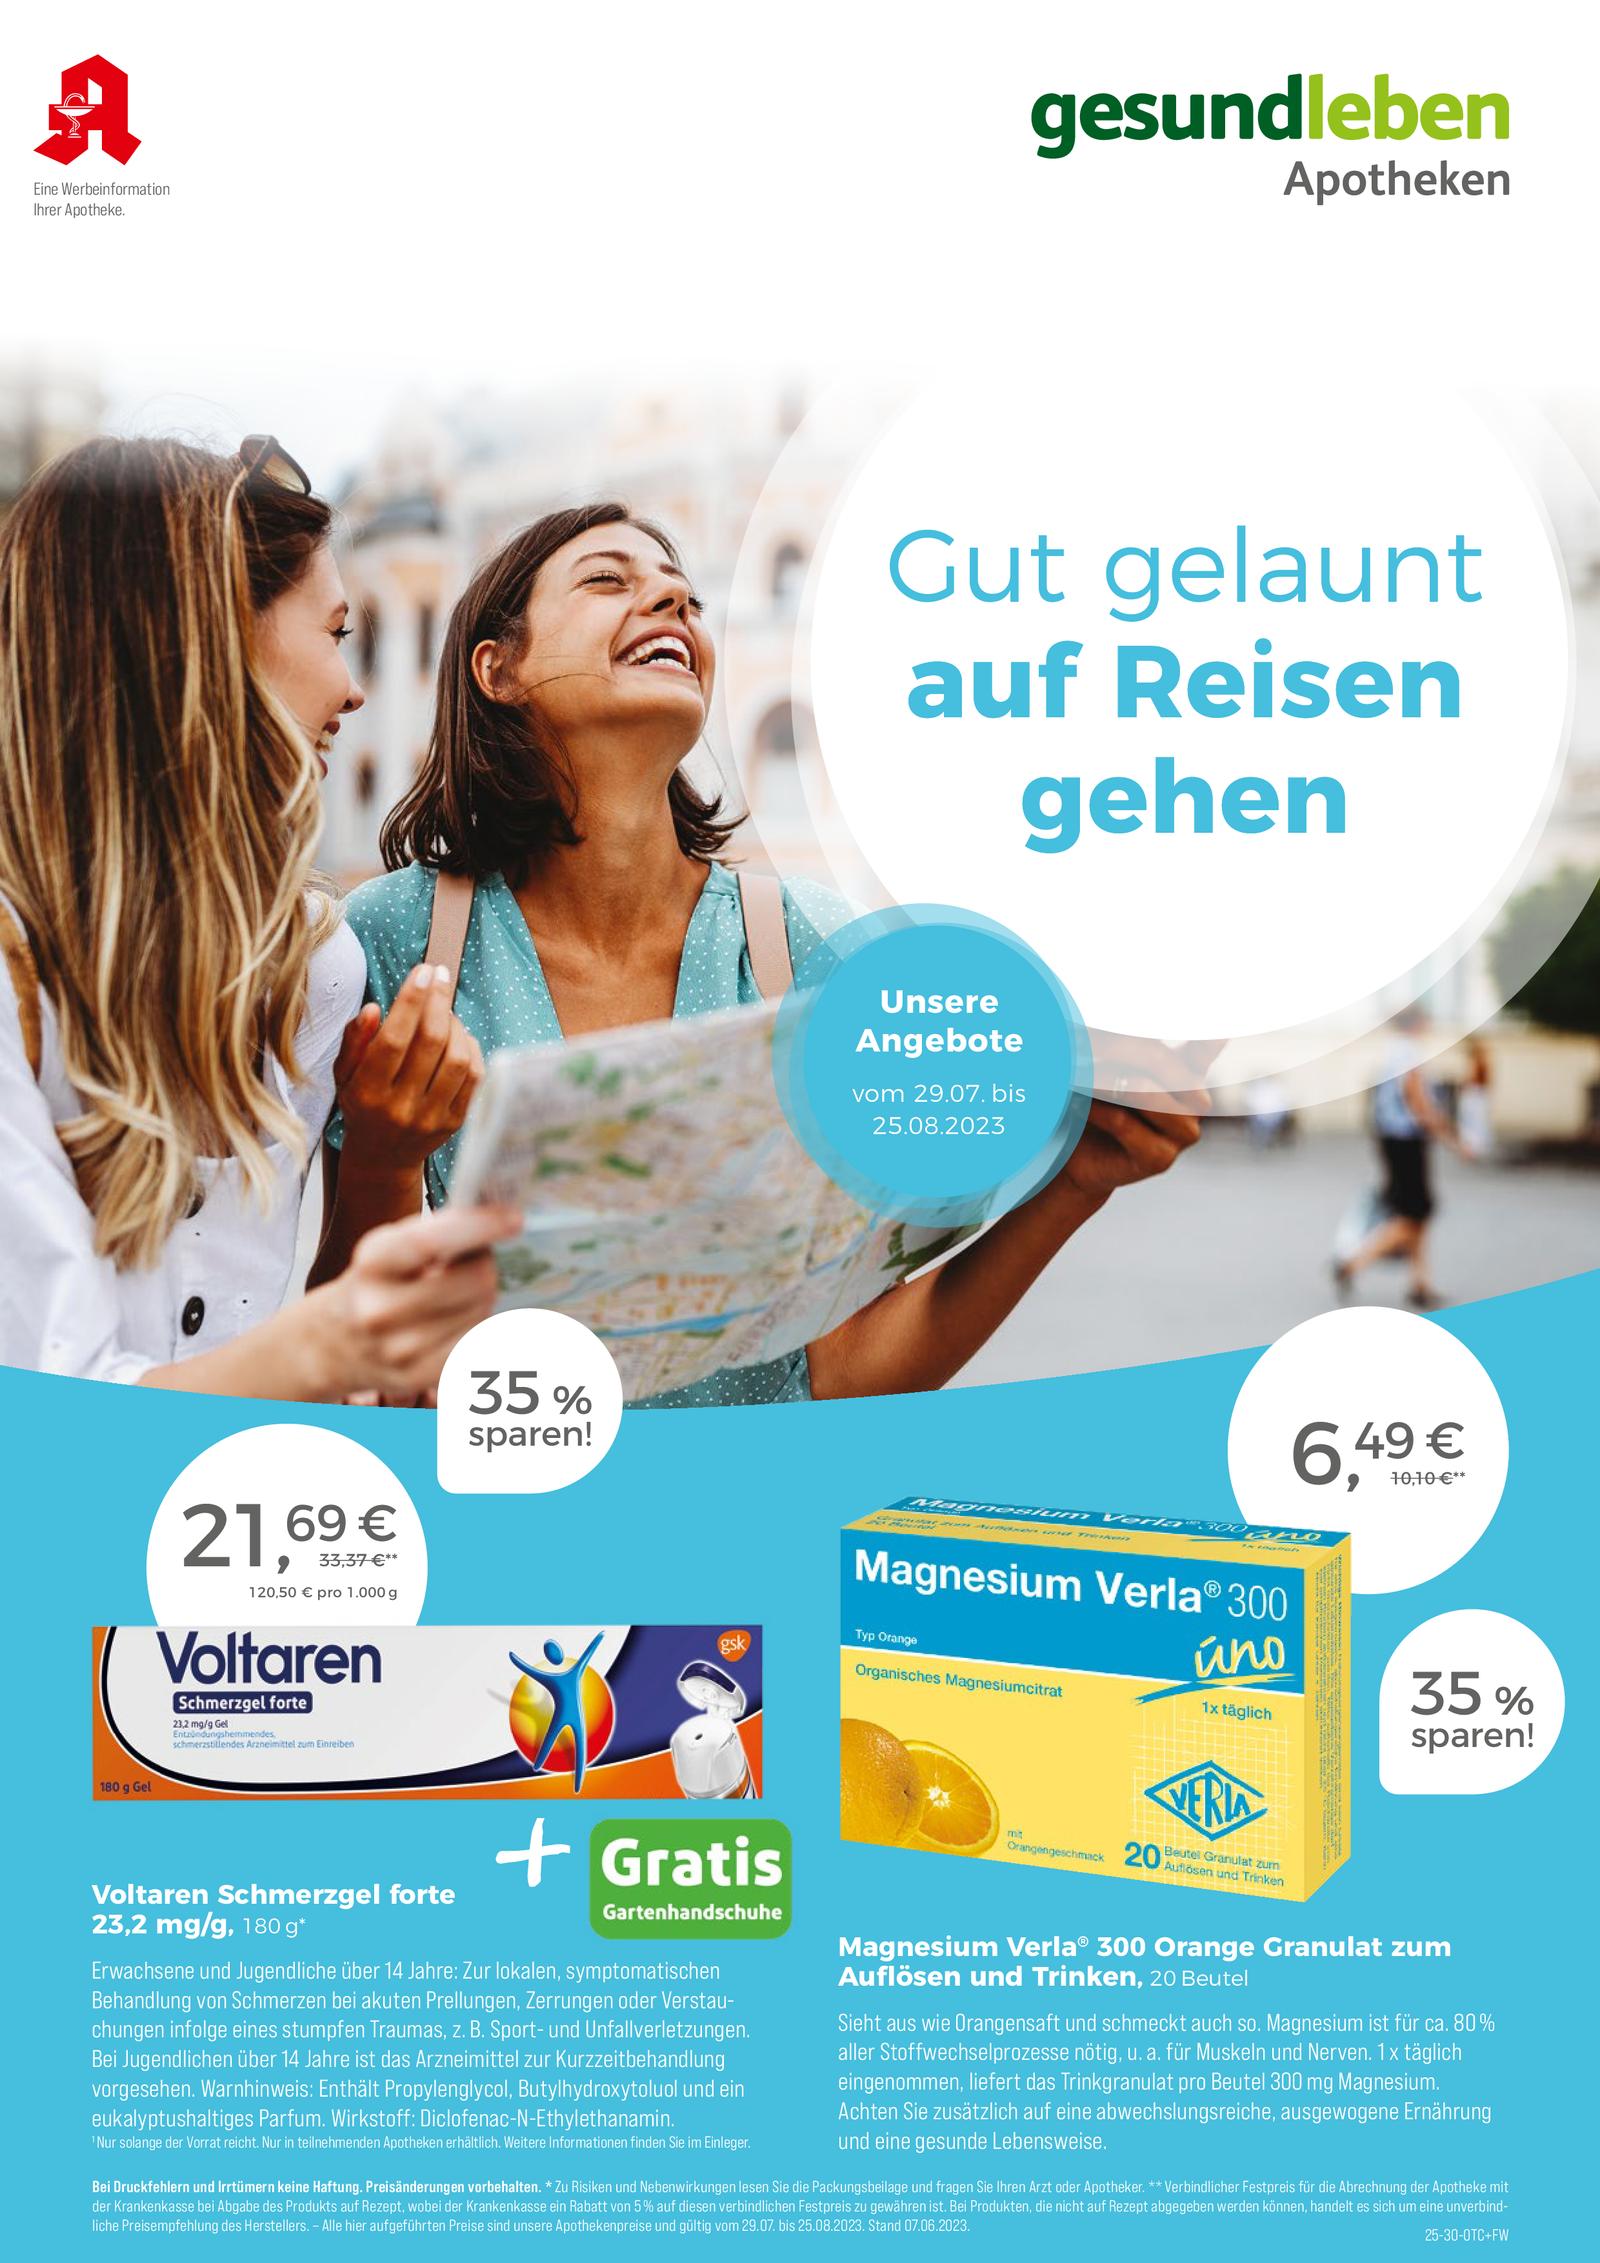 https://mein-uploads.apocdn.net/14170/leaflets/gesundleben_hoch-Seite1.png